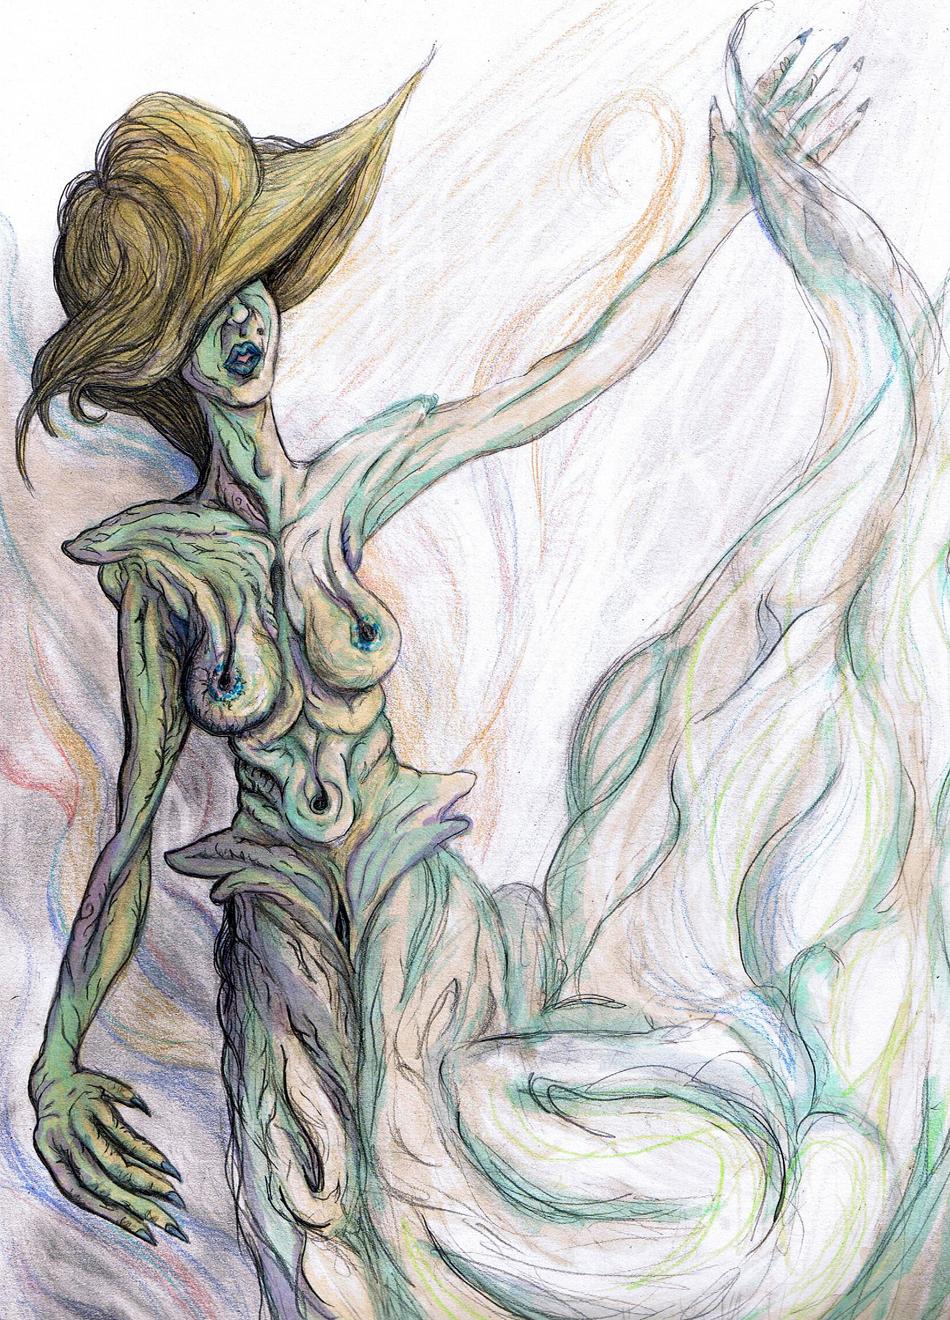 Lady deformatia